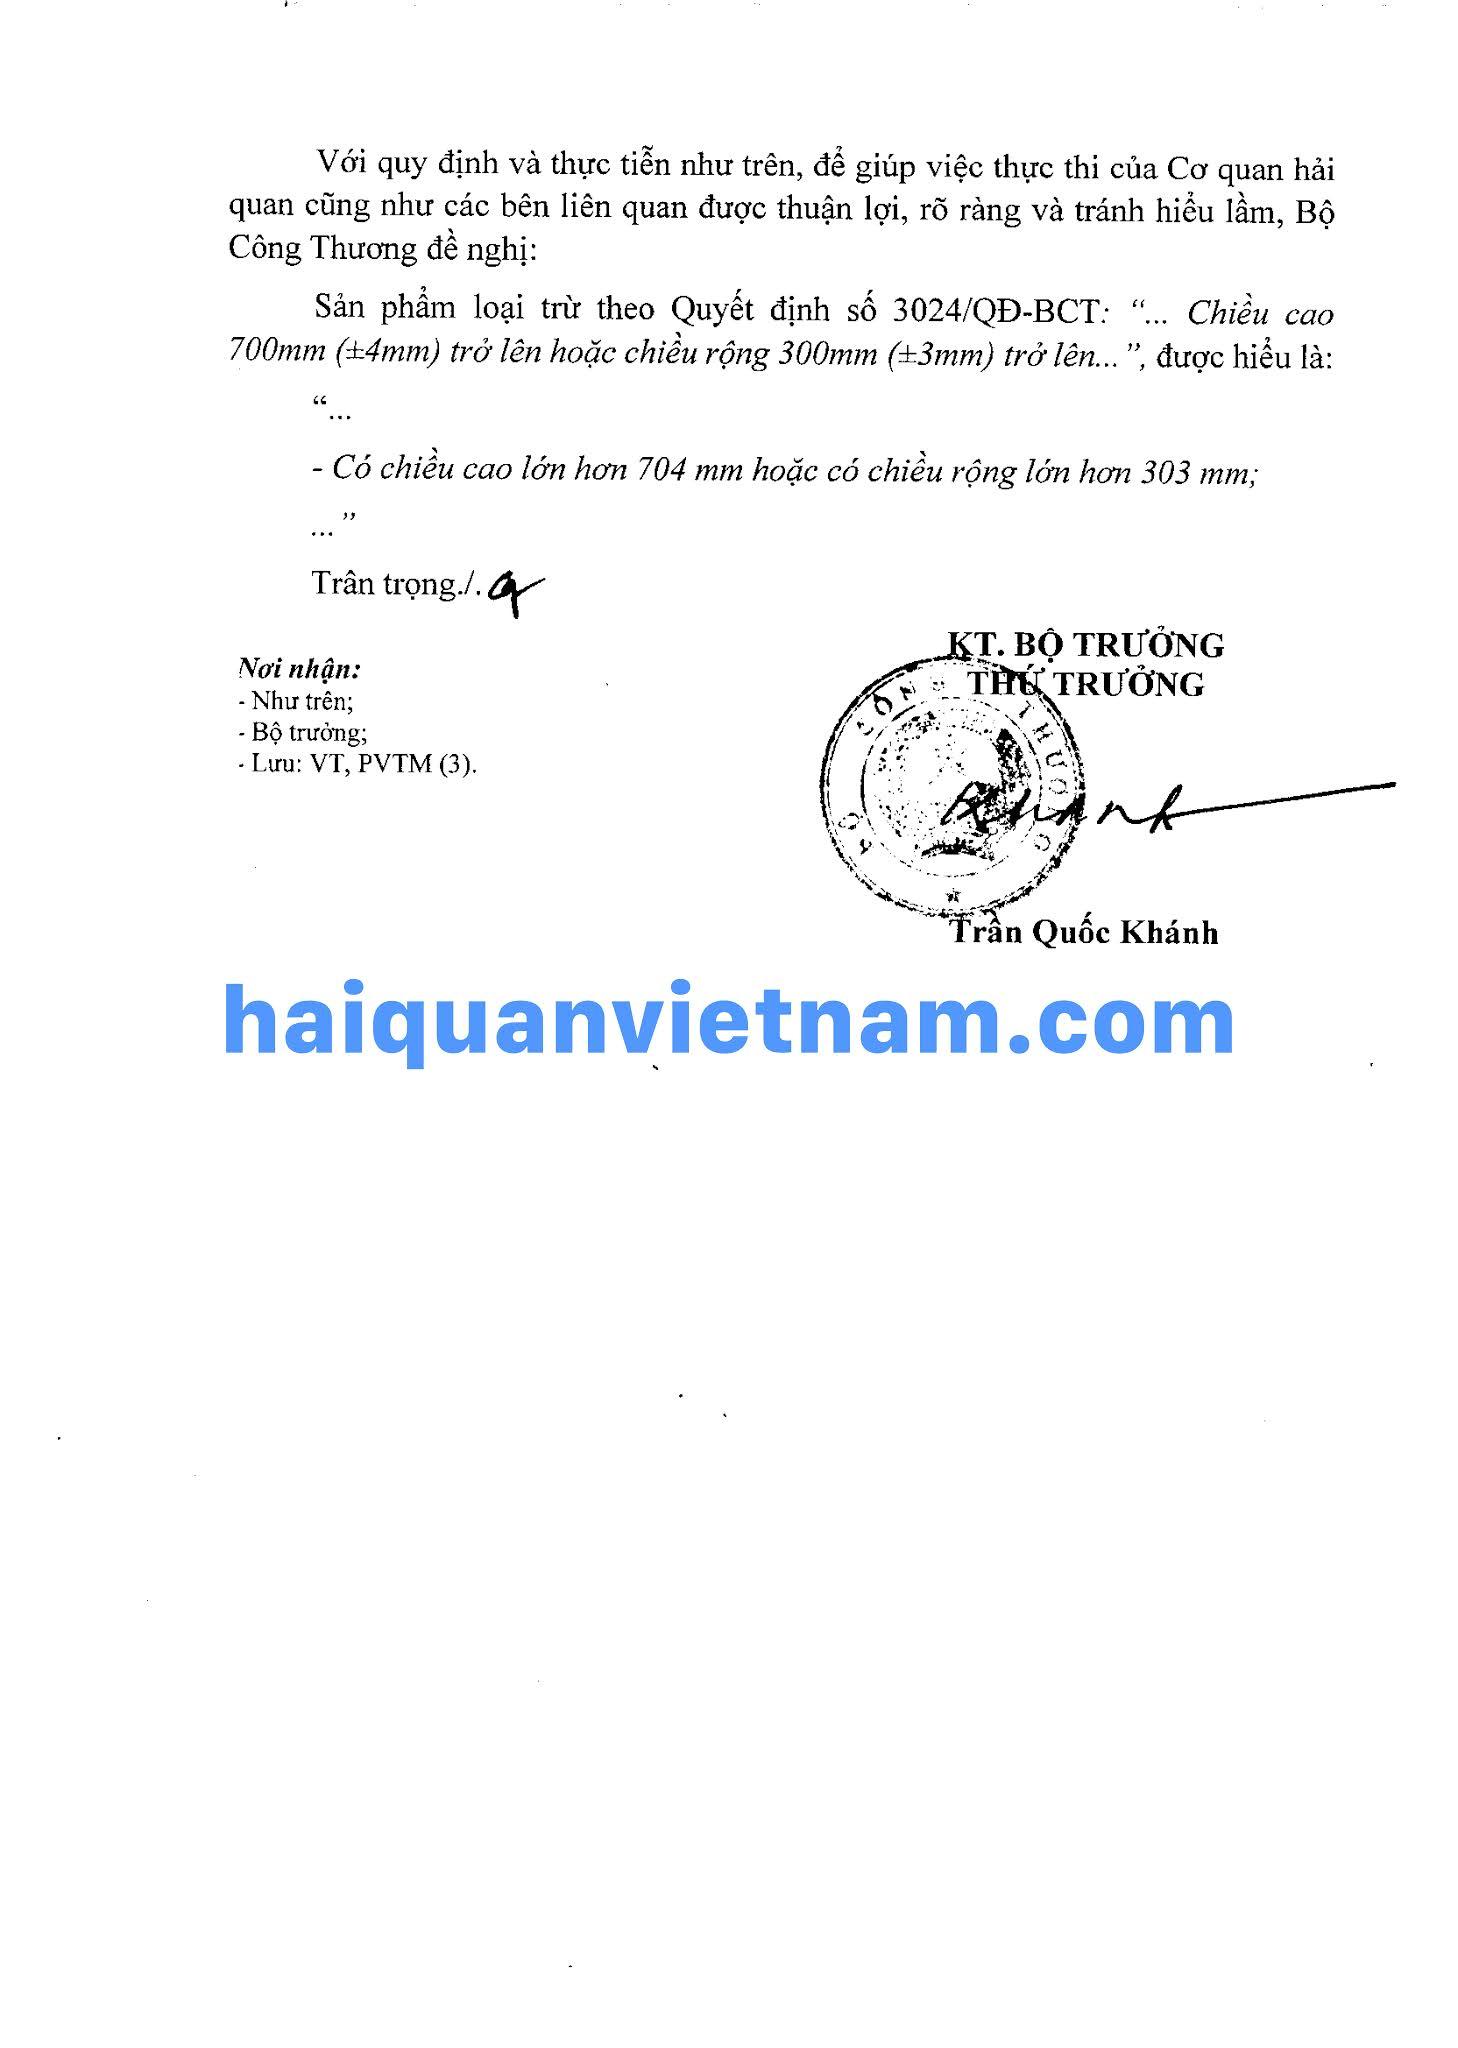 [Image: 210529_2895_BCT-PVTM_haiquanvietnam_02.jpg]